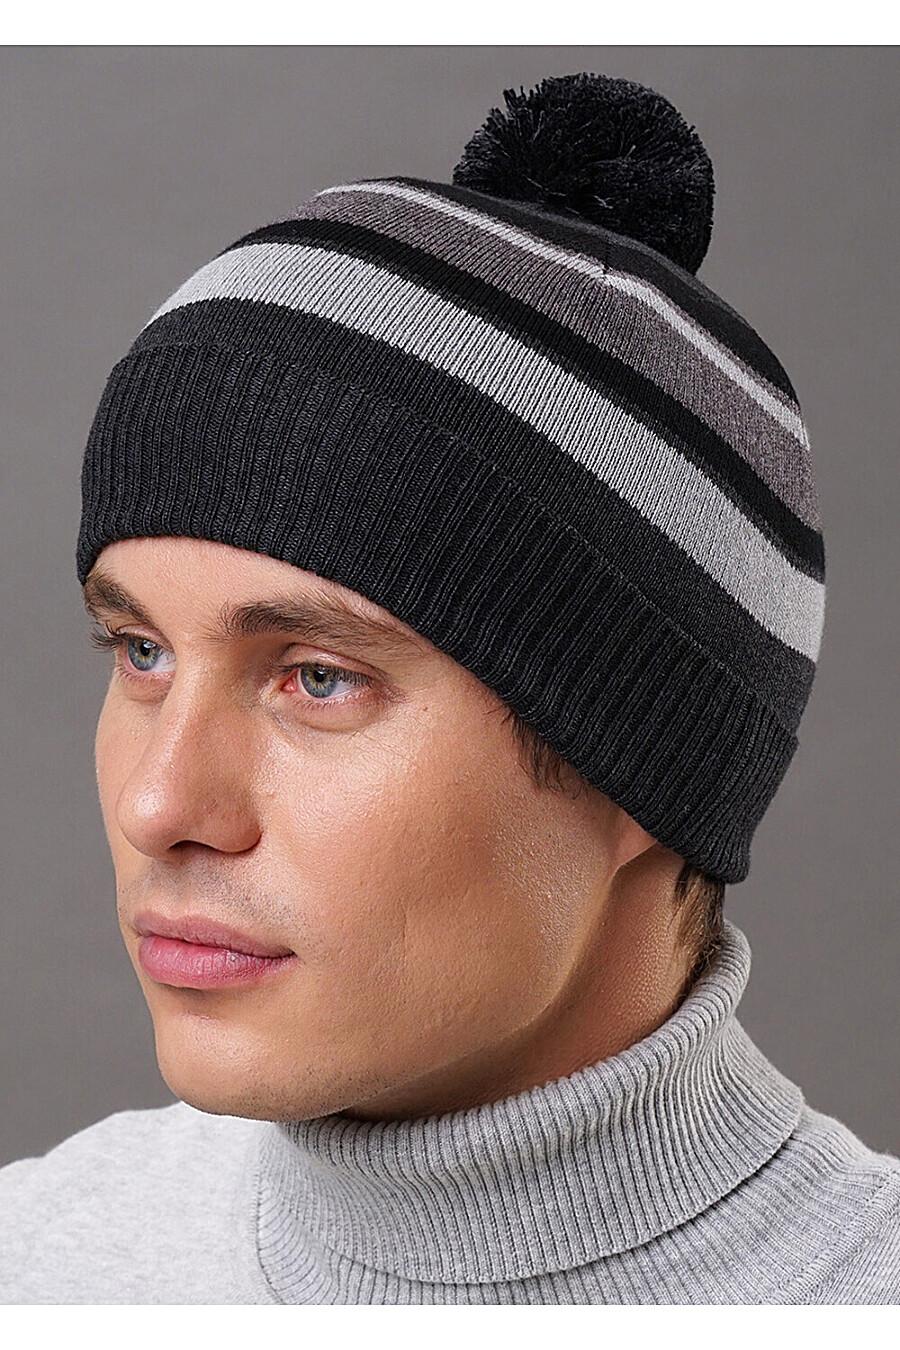 Шапка для мужчин CLEVER 219416 купить оптом от производителя. Совместная покупка мужской одежды в OptMoyo